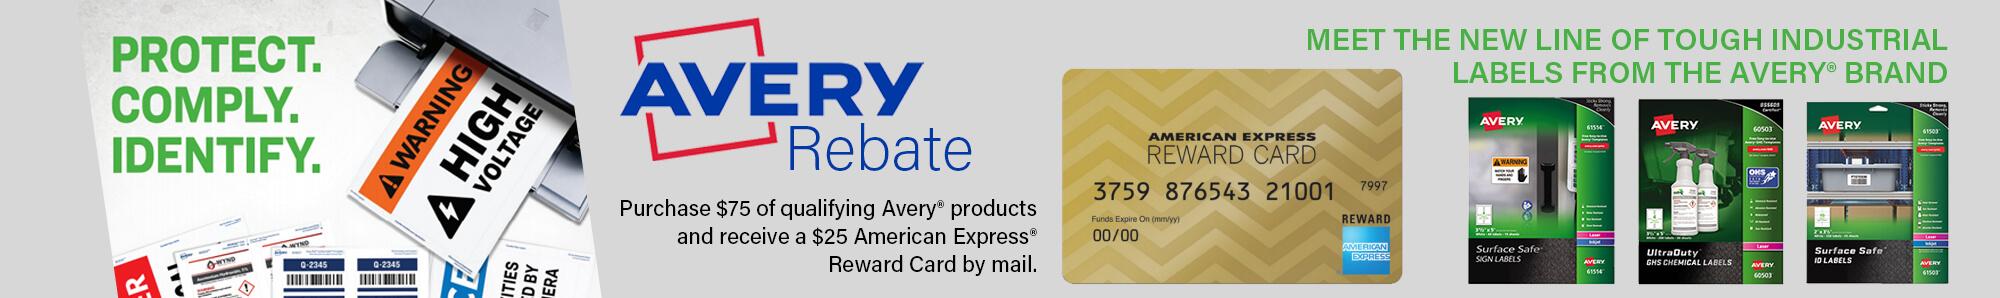 Avery Rebate